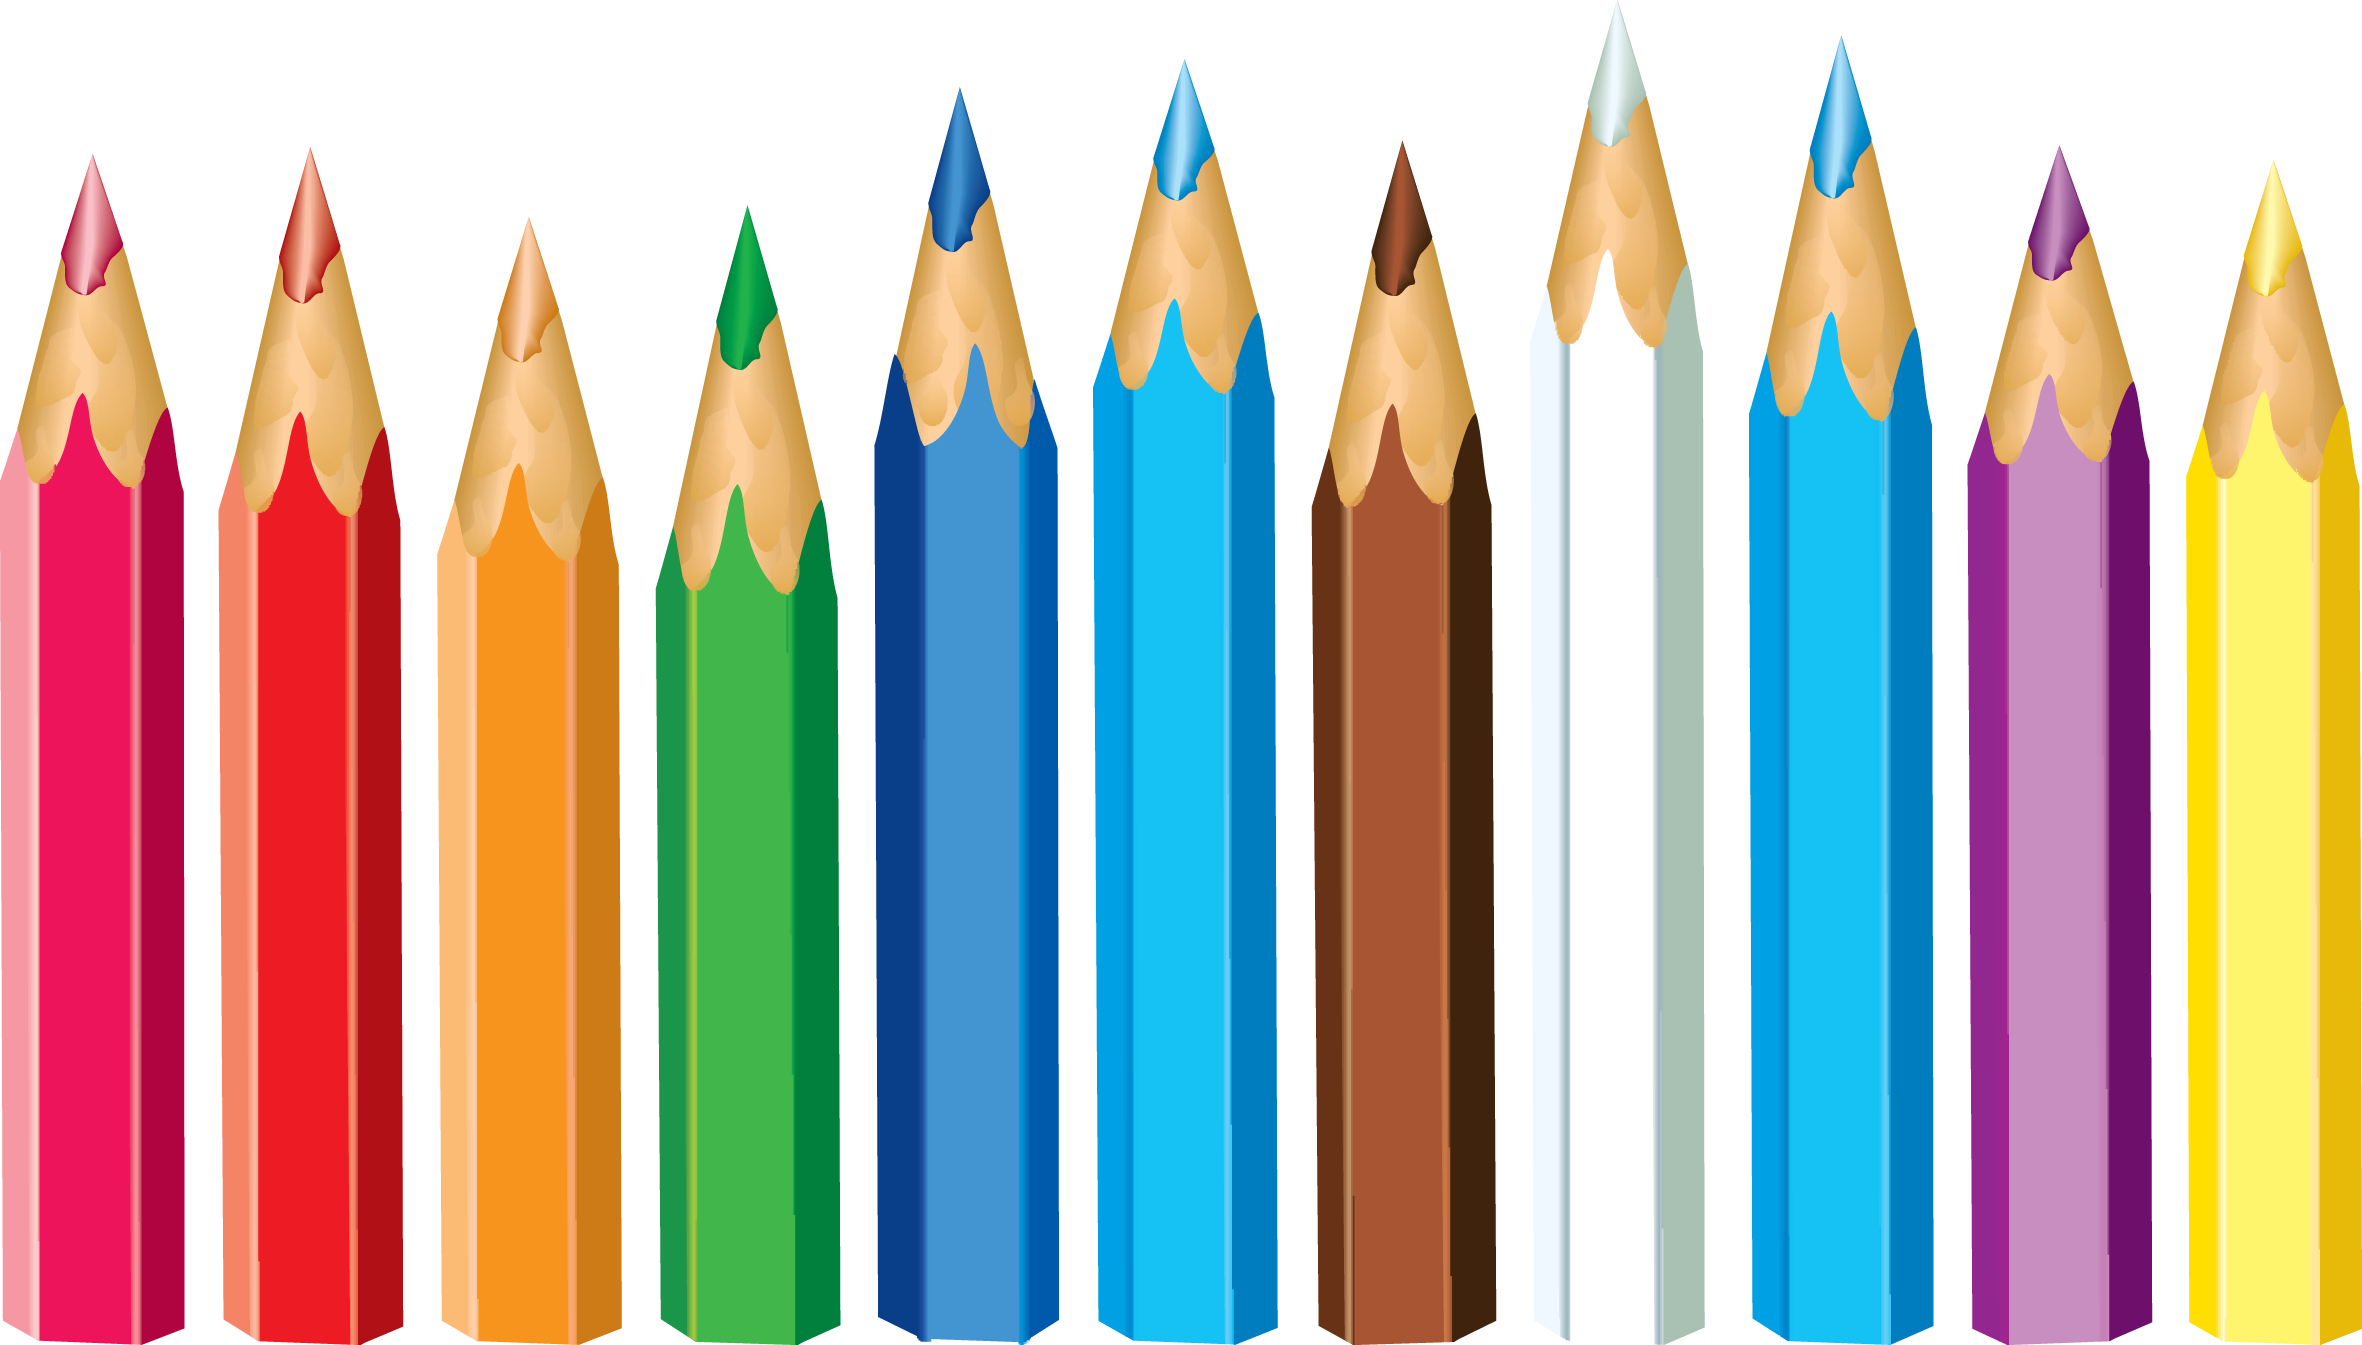 Pencil Png Images Colored Pencils Pencil Png Pencil